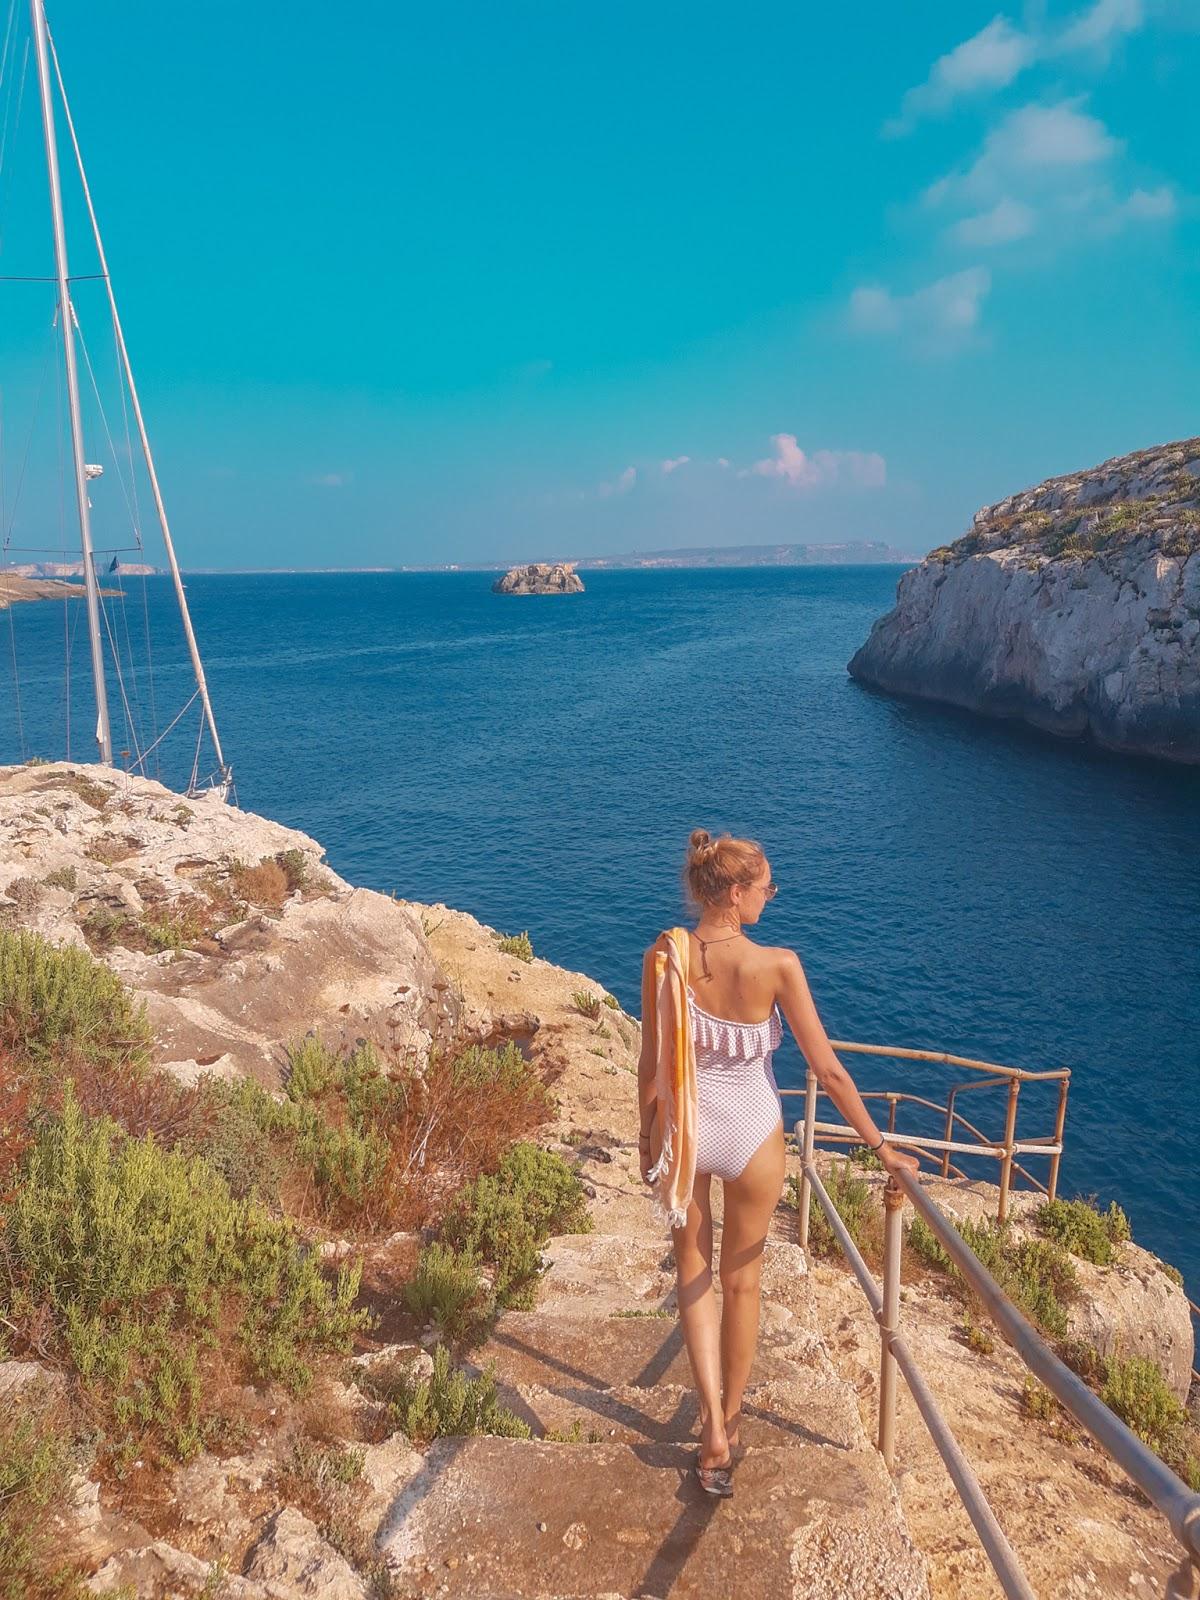 10-cosas-que-hacer-en-malta-viajes-preppyelstravels